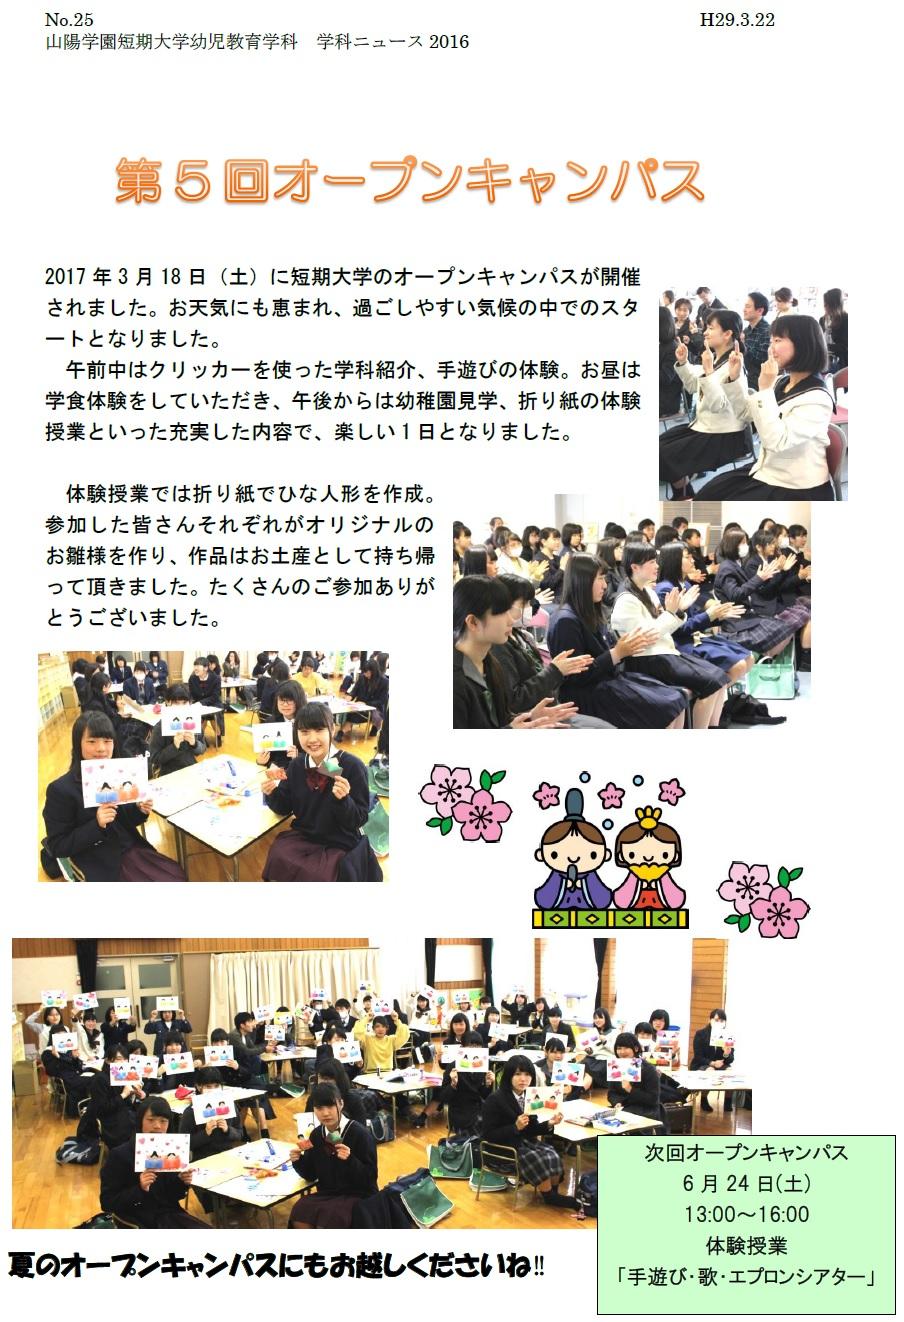 学科ニュース 第5回オープンキャンパス